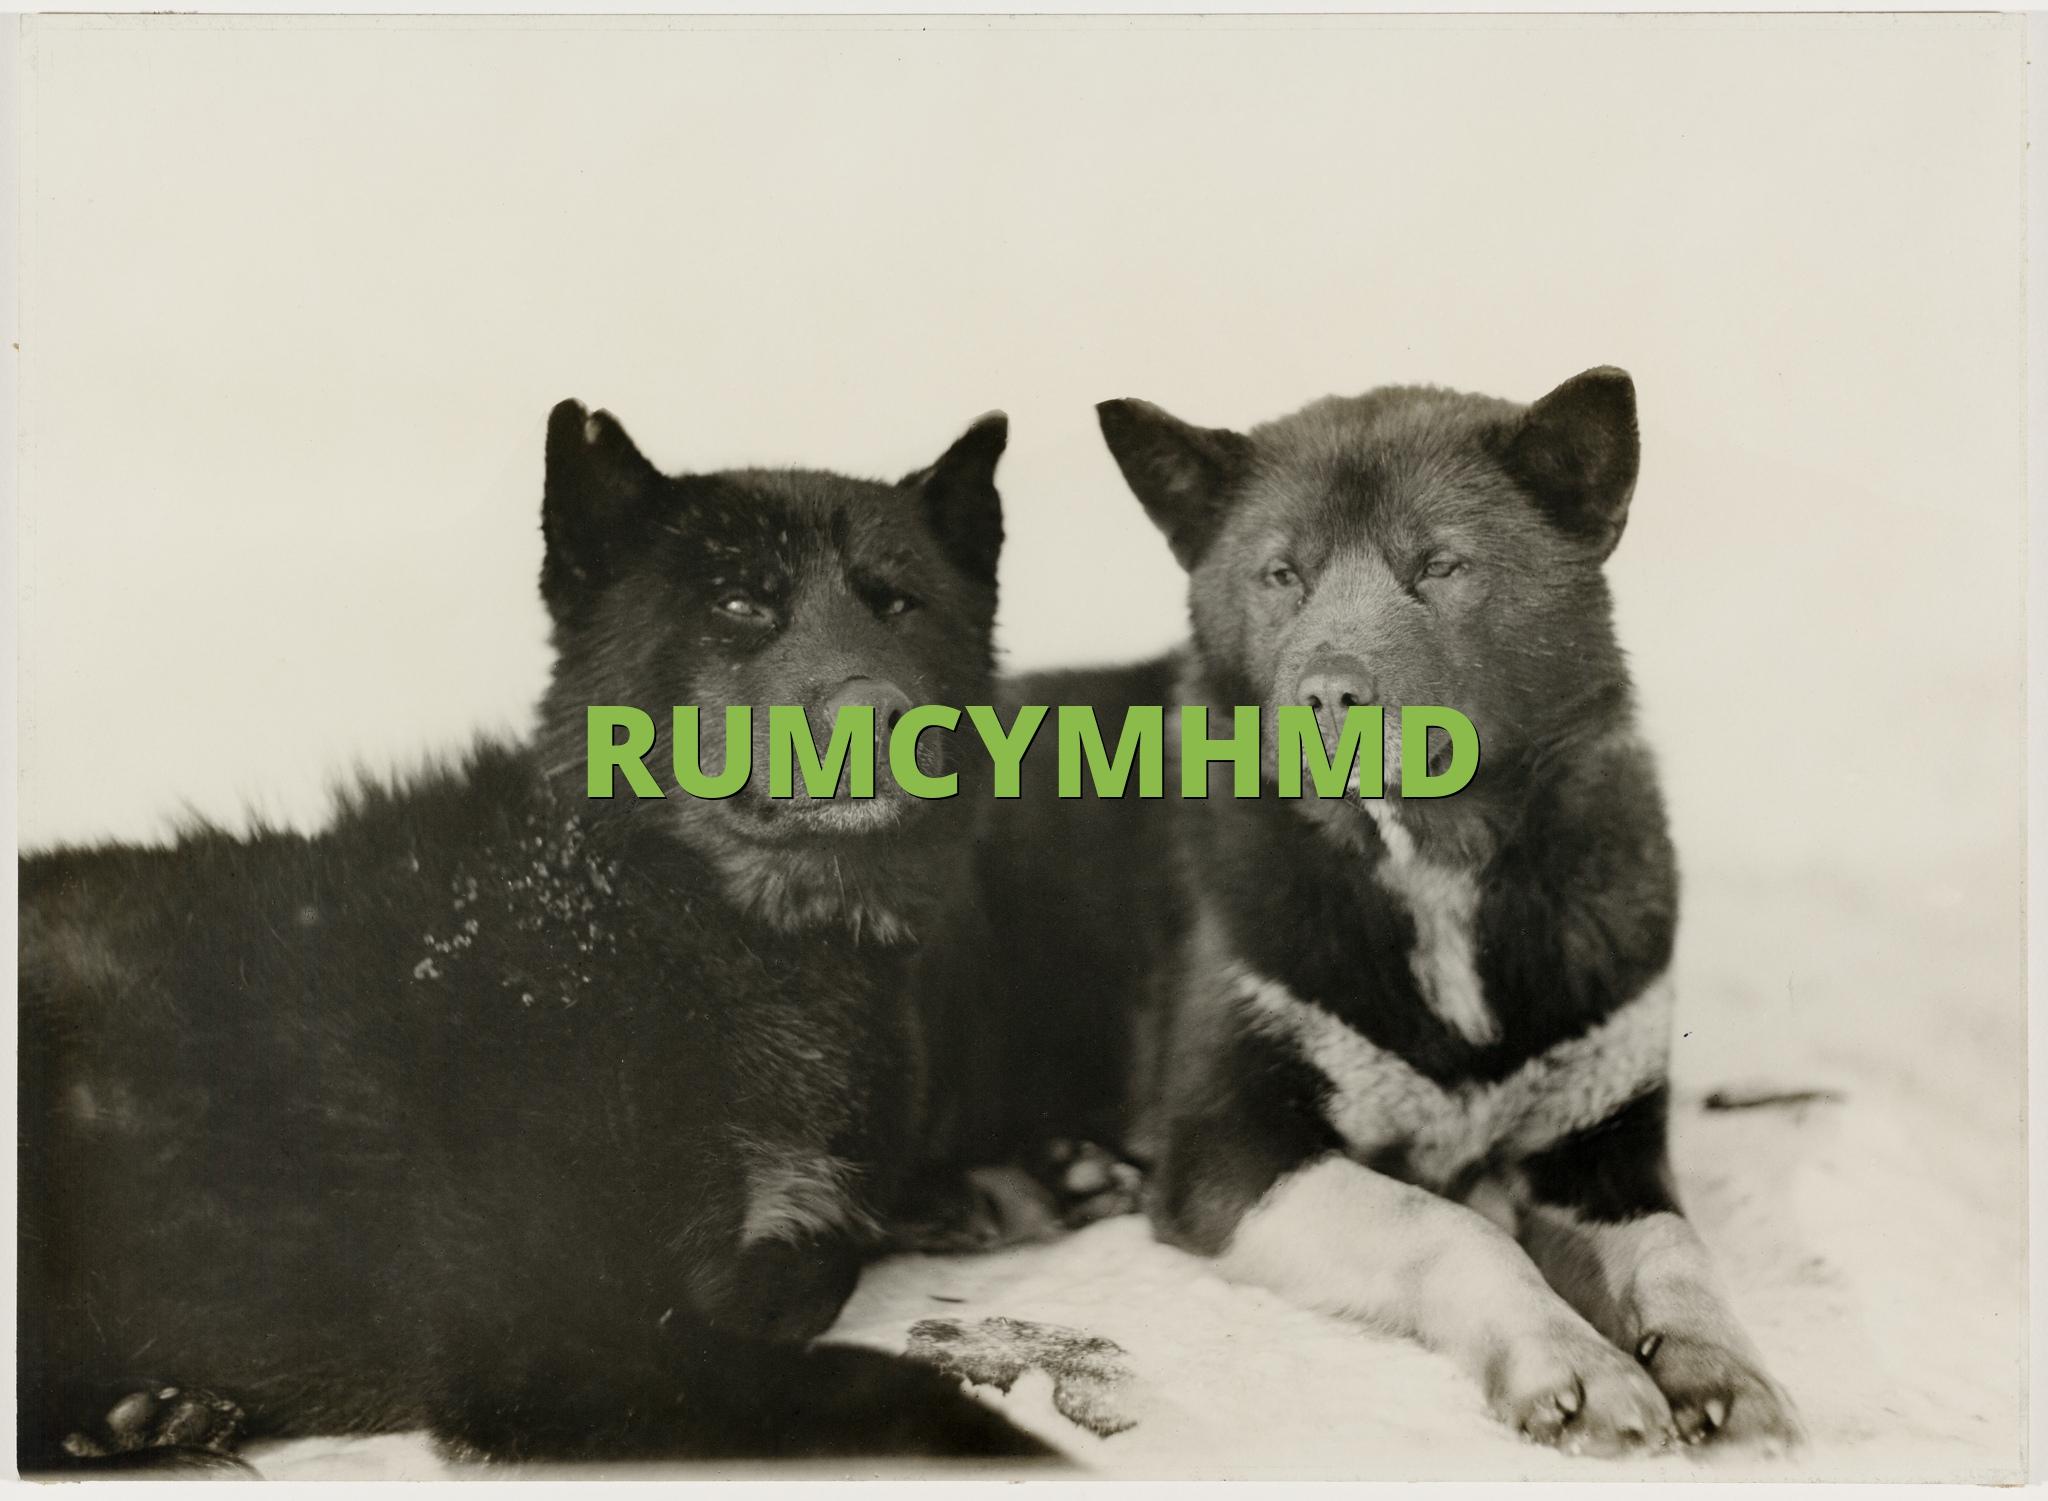 RUMCYMHMD